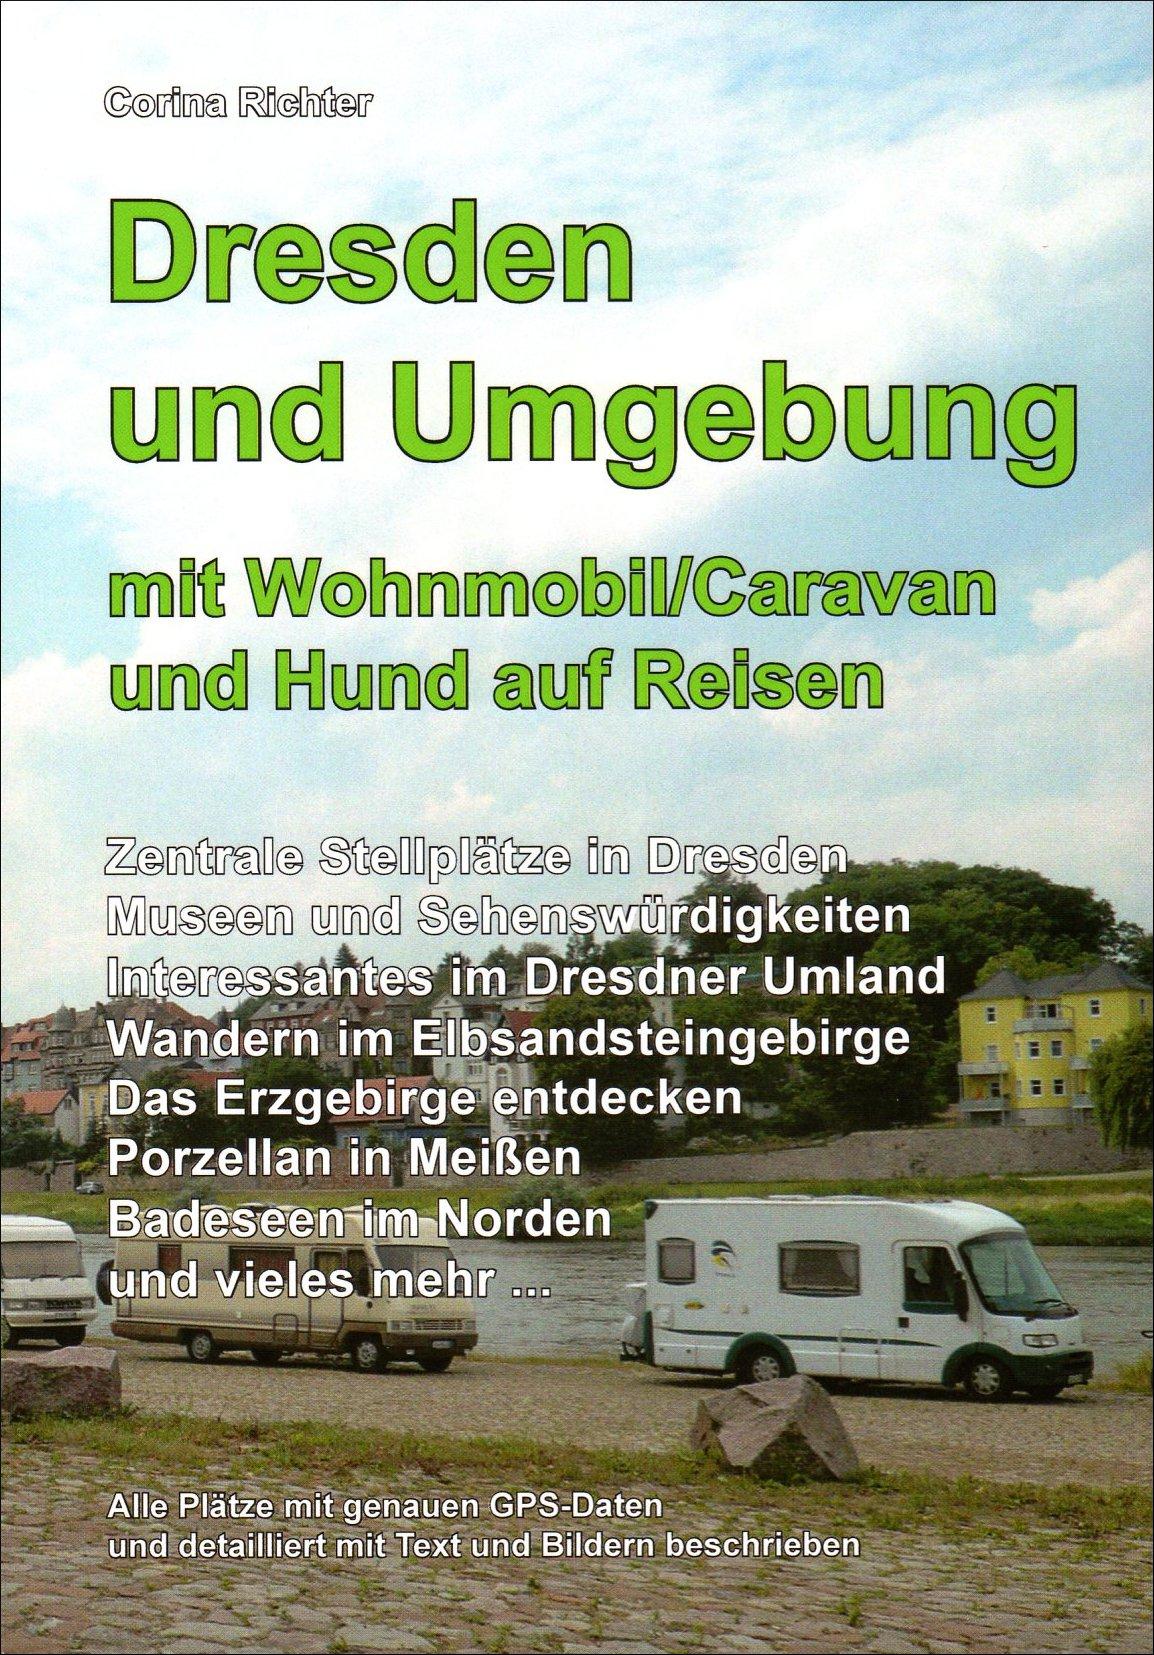 Dresden und Umgebung mit Wohnmobil/Caravan und Hund